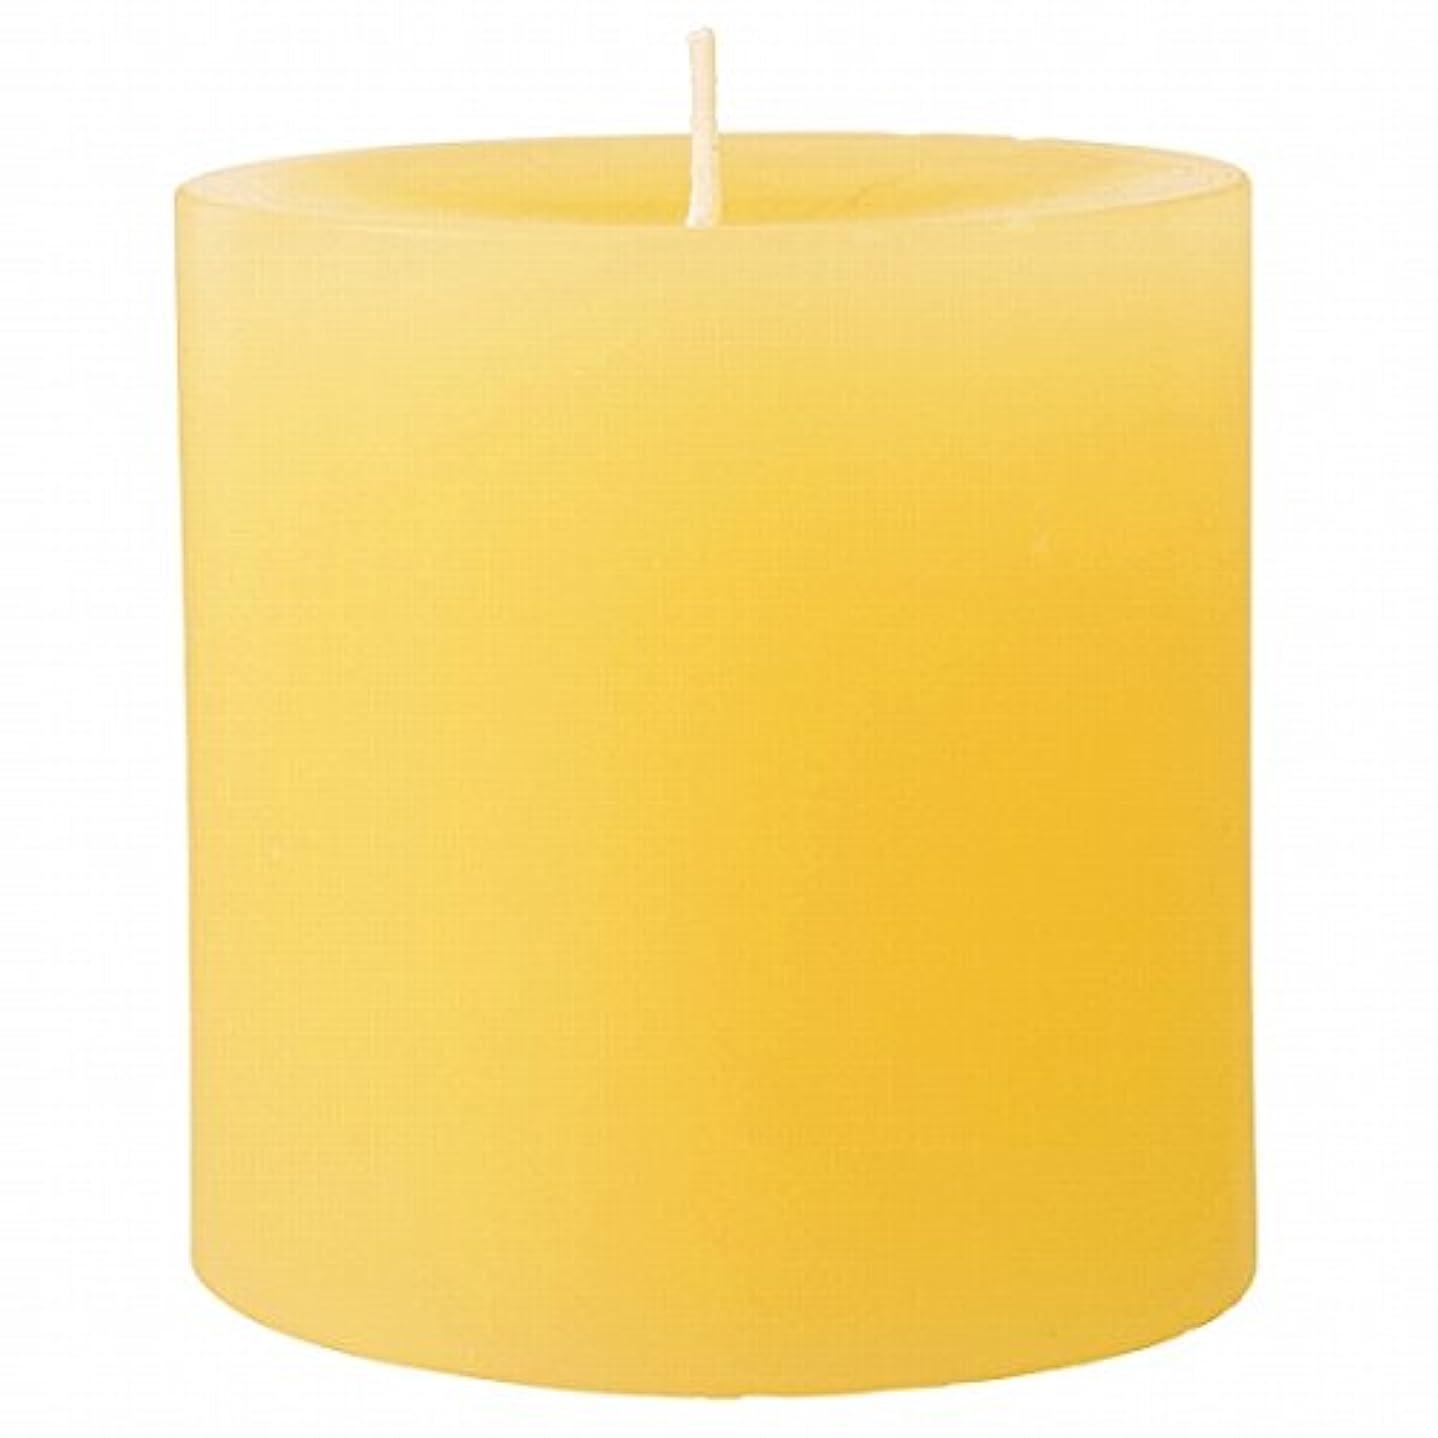 砦欠陥減るカメヤマキャンドル(kameyama candle) 75×75ピラーキャンドル 「 アイボリー 」